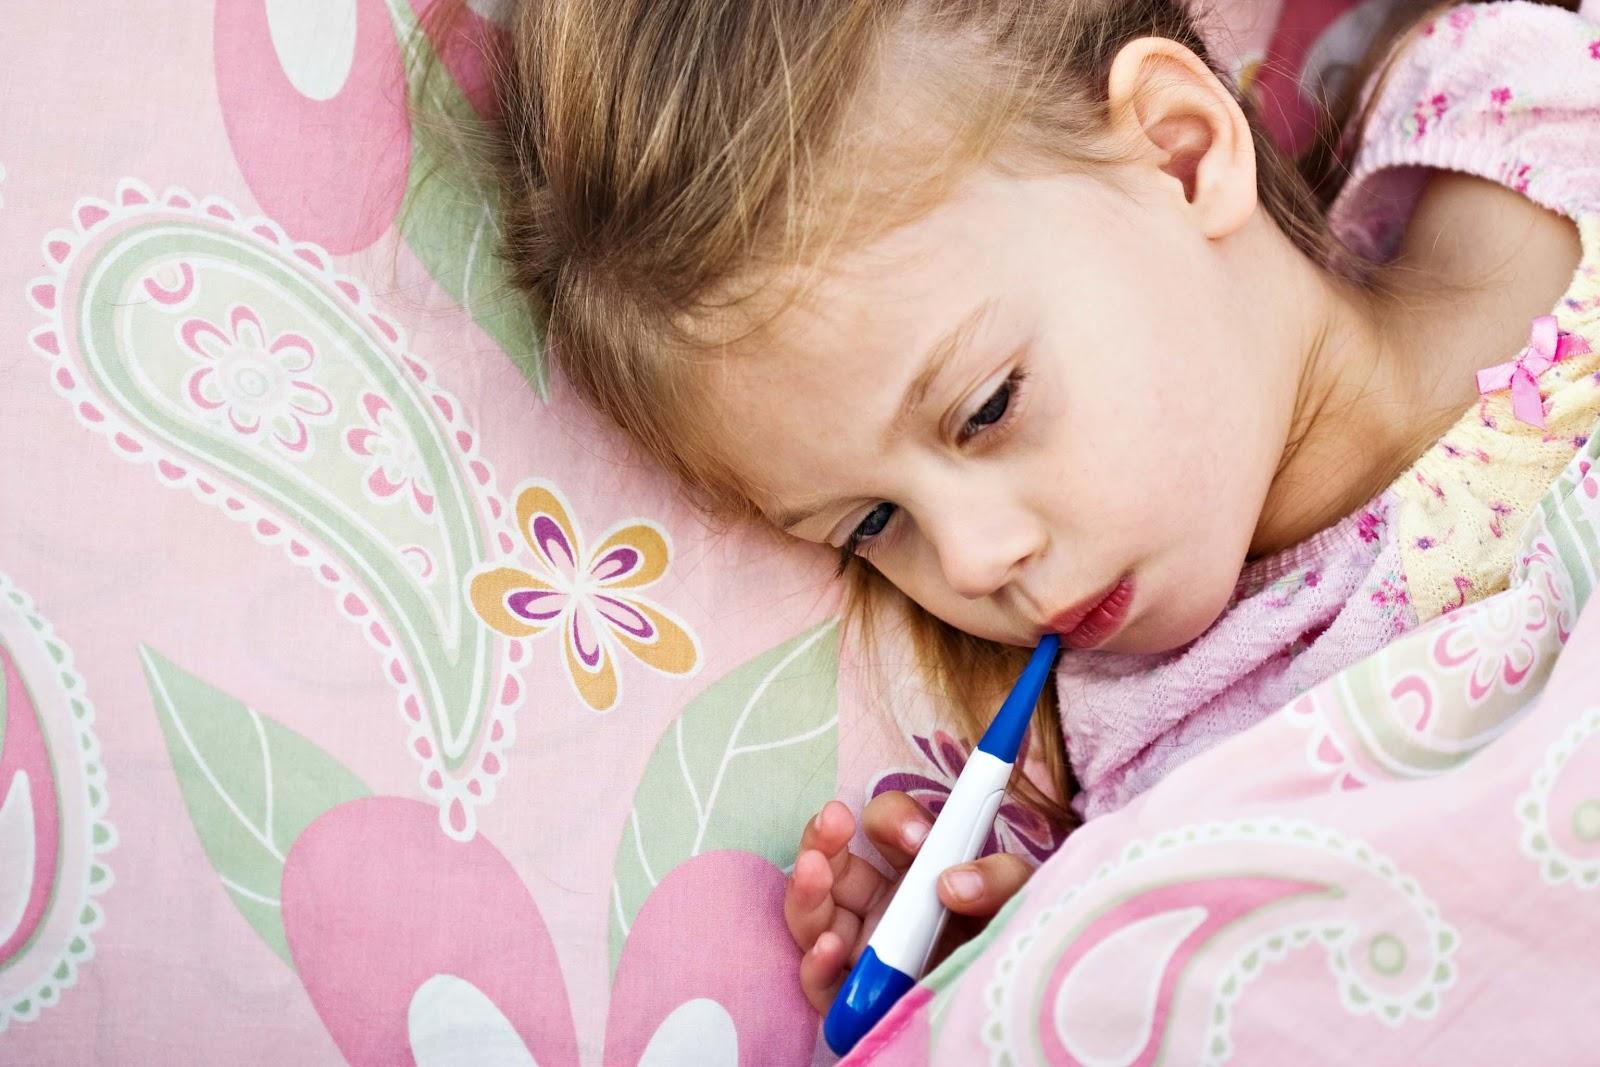 لا قلق بعد اليوم ١٠ طرق منزلية لتتمكني من علاج ارتفاع الحرارة عند الاطفال ثقف نفسك